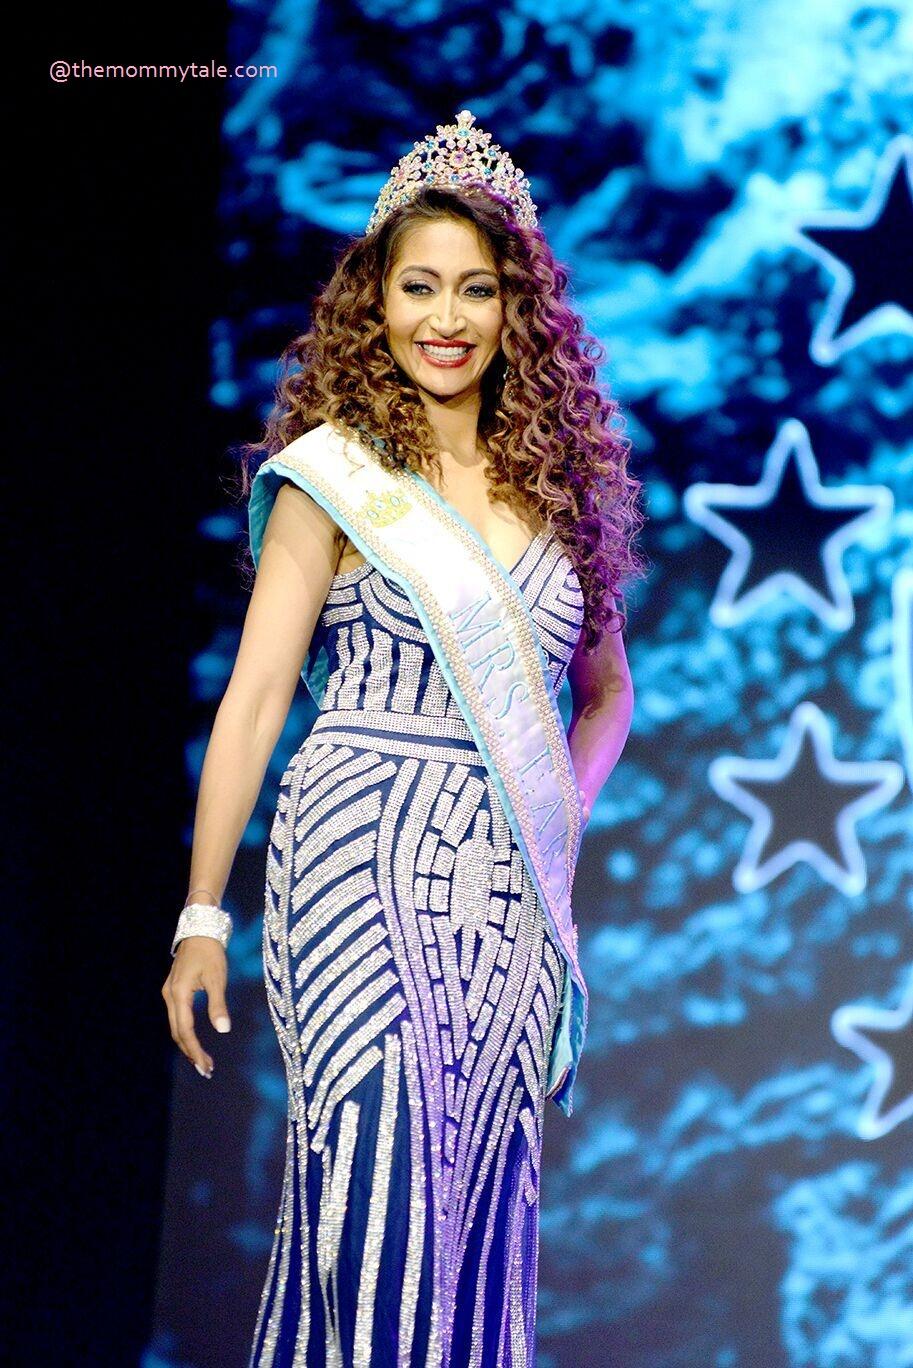 Maadhuri Sharma